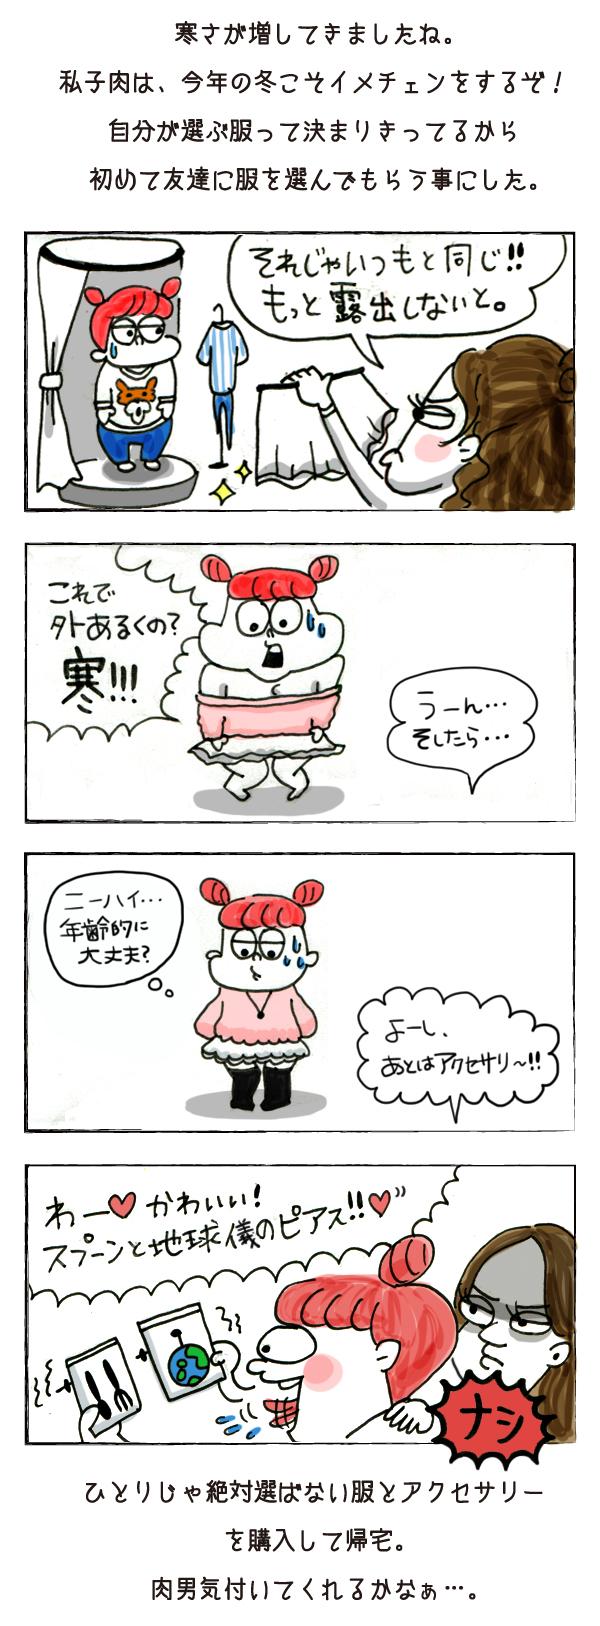 彼氏に「カワイイ」って言ってもらえる服って?,ウェブ漫画,恋愛,それいけ!子肉ちゃん第8回1枚目